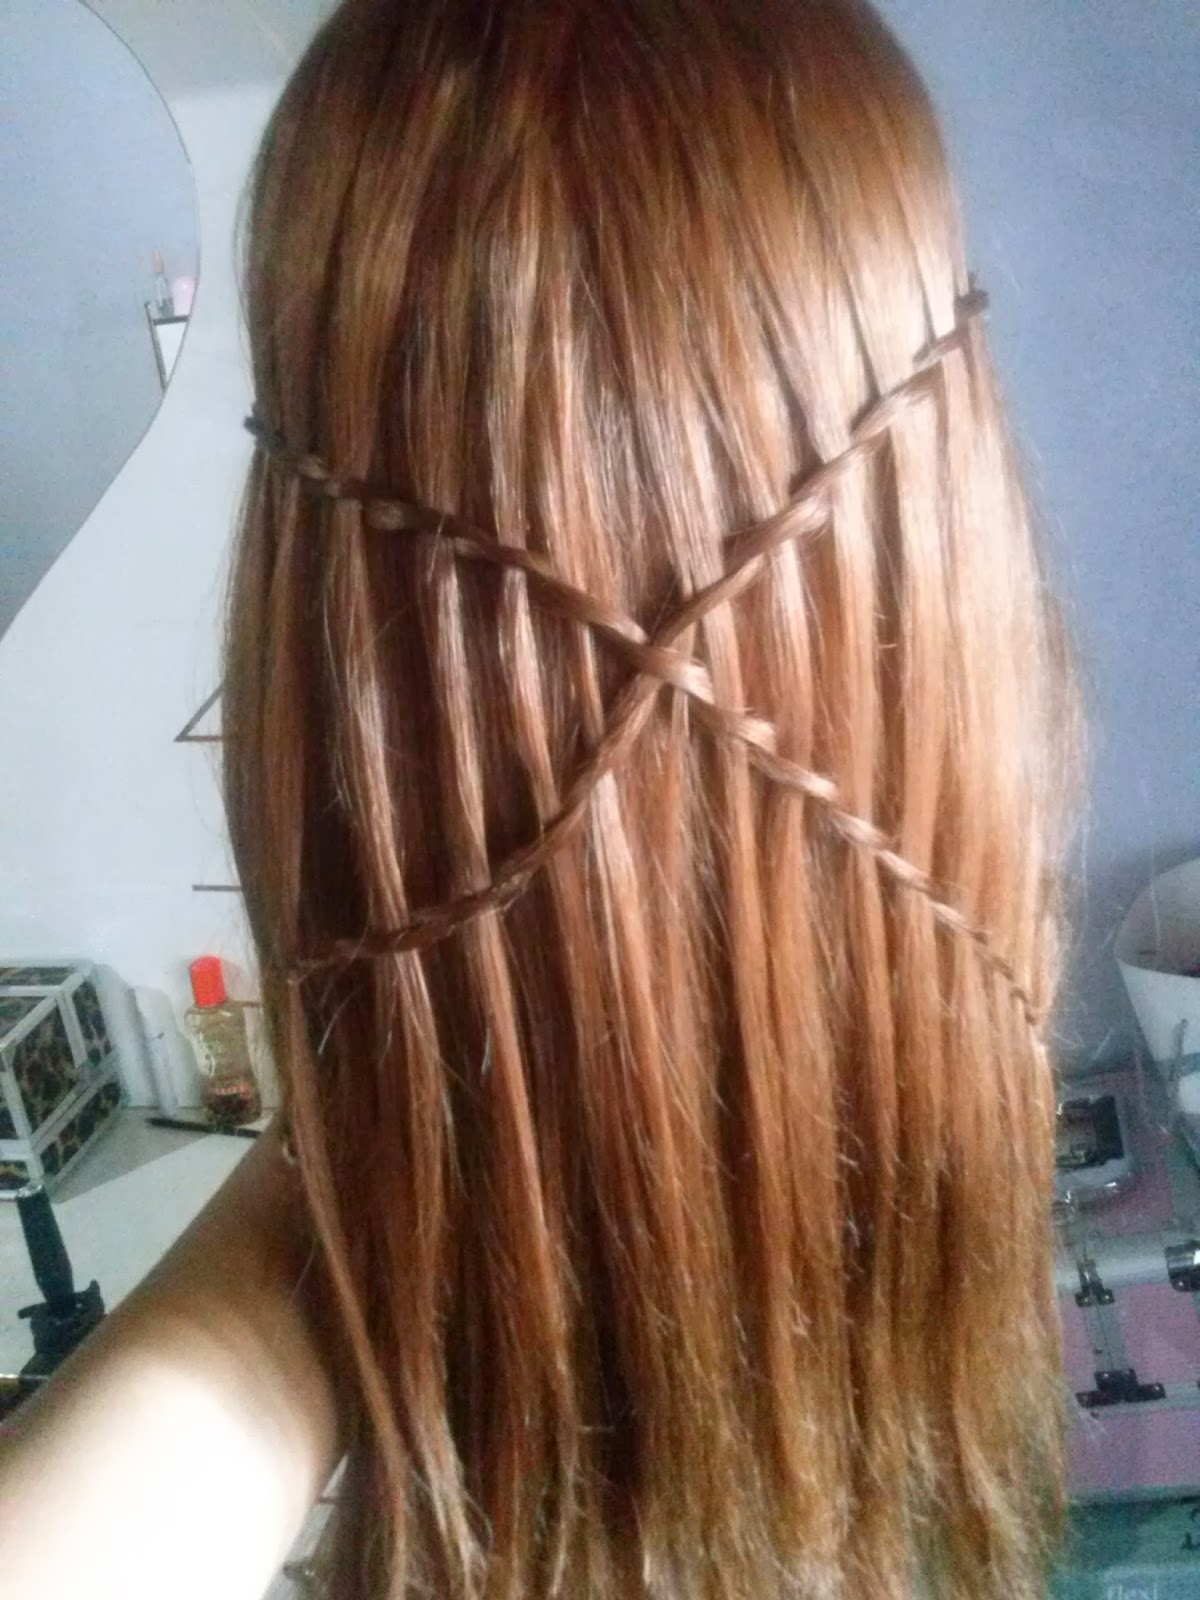 Peinados con trenzas para cabello corto elainacortez - Peinados y trenzas ...